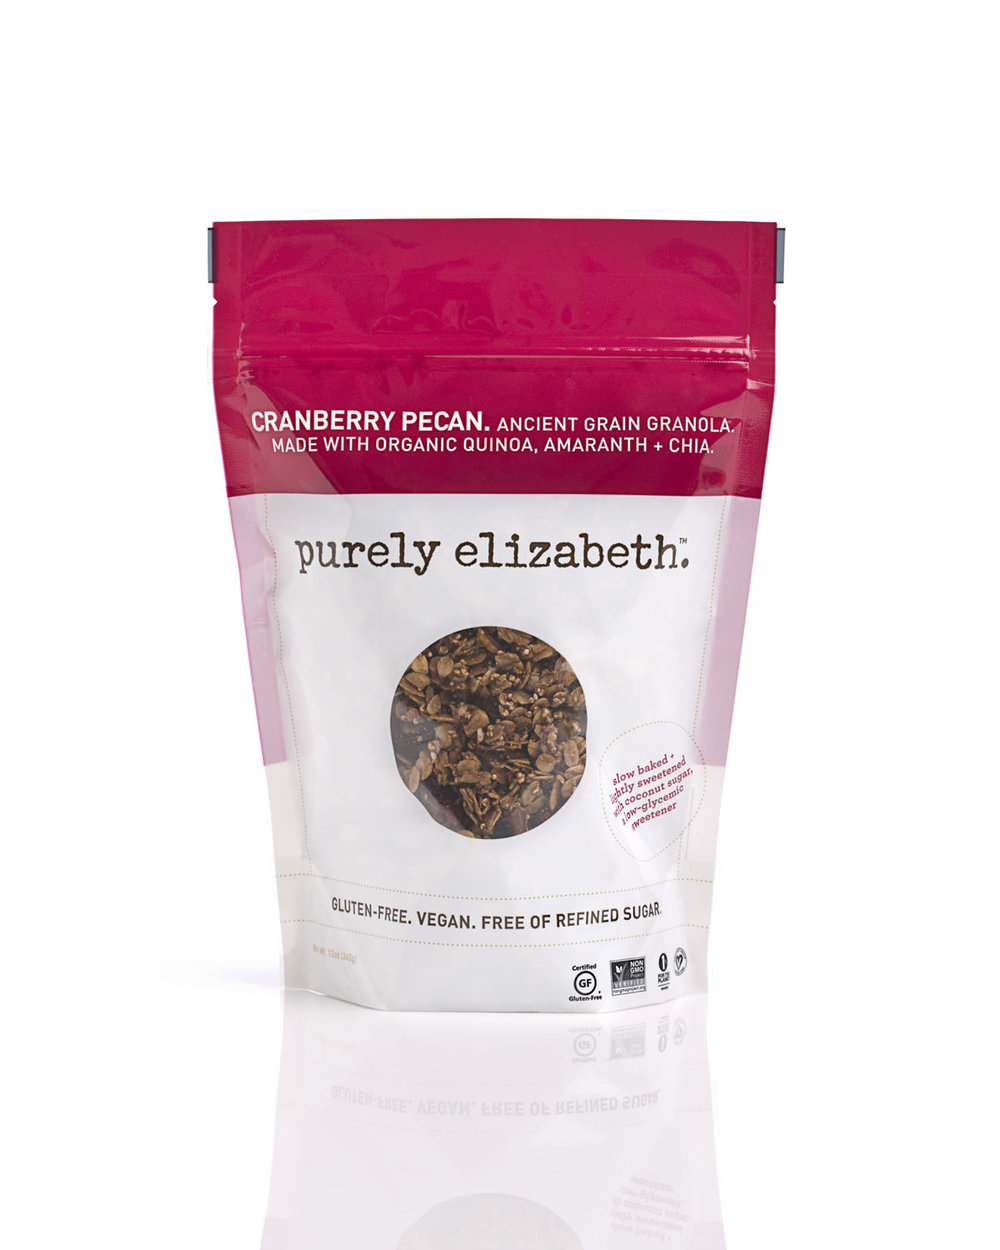 Purely Elizabeth Ancient Grain Granola Cranberry Pecan